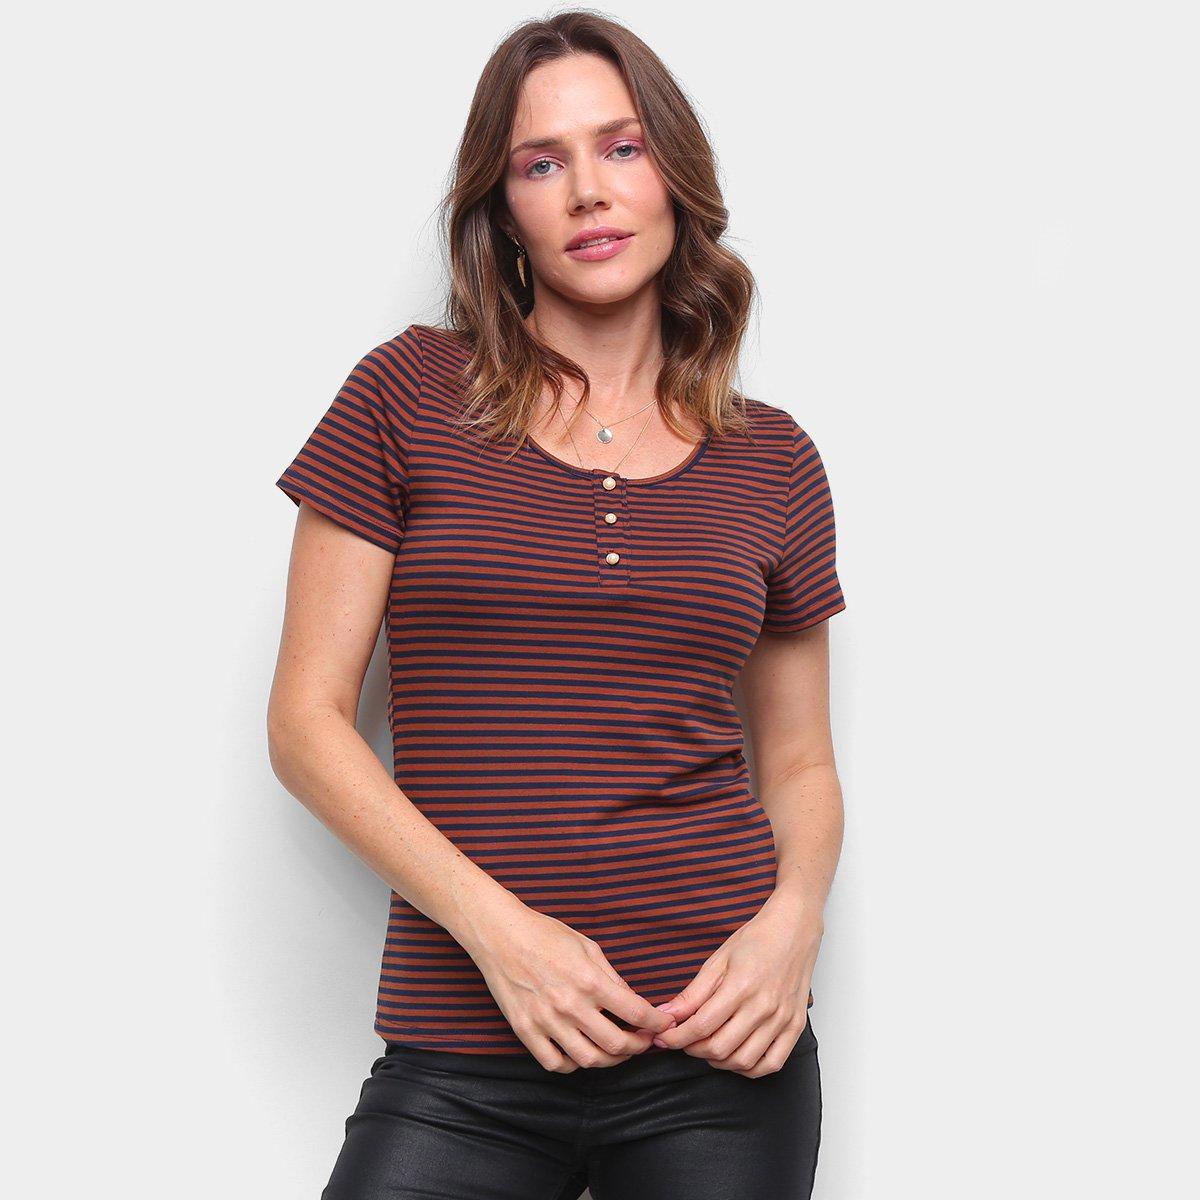 Blusa Top Moda Listrada Botões Feminina